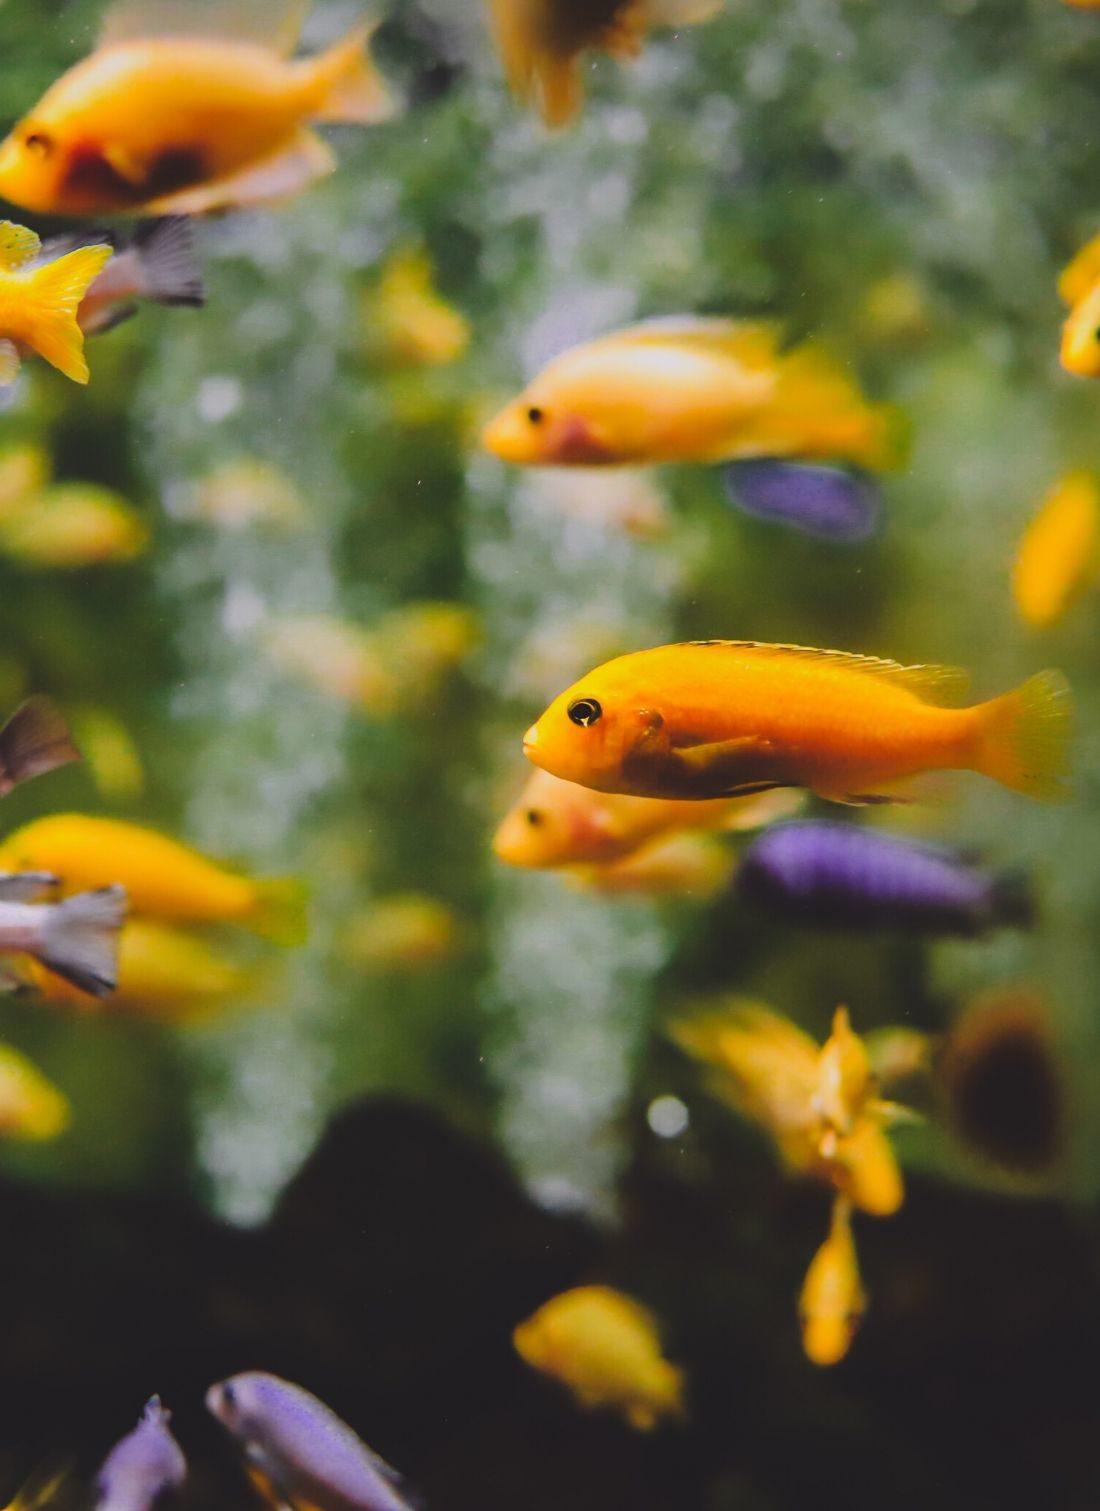 Poissons aquarium oranges